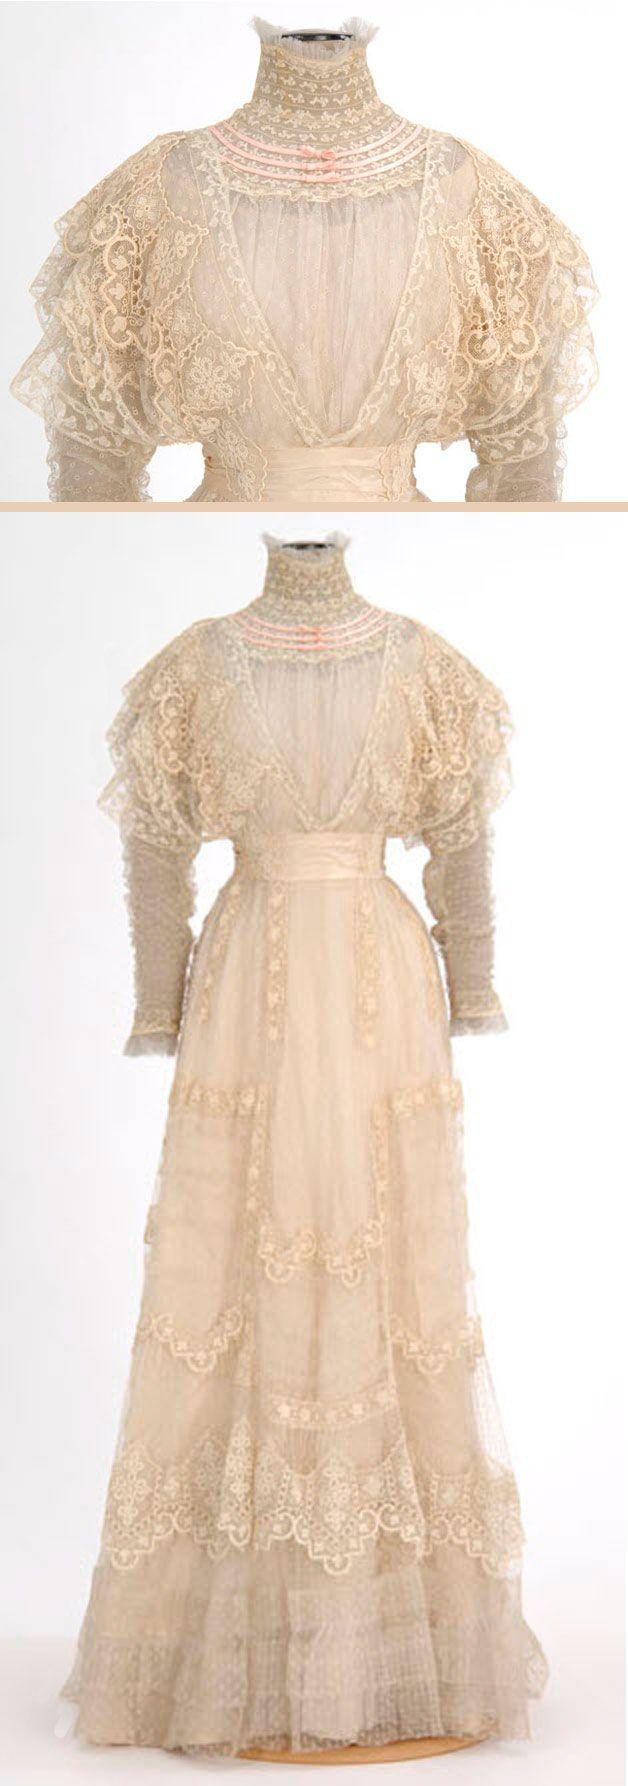 Affffdfdcfeg vintage fashion